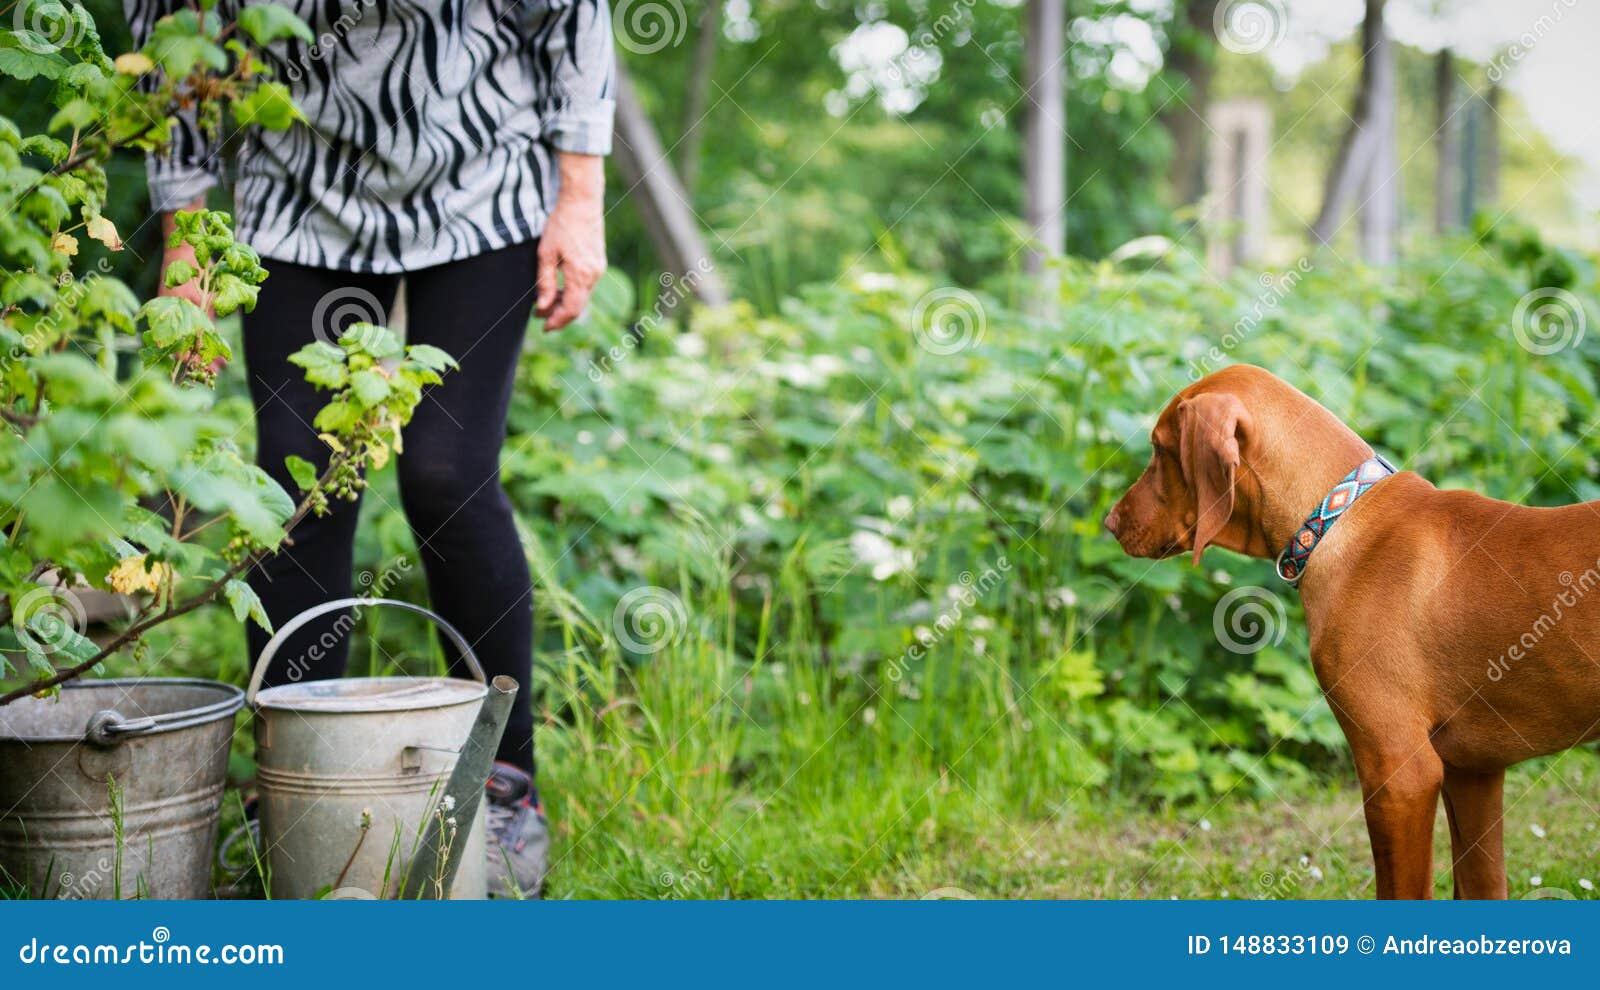 Neugieriger vizsla Welpe mit ?lterer Frau im Garten Hund, der seine Eigent?merfirma h?lt, w?hrend sie im Garten arbeitet